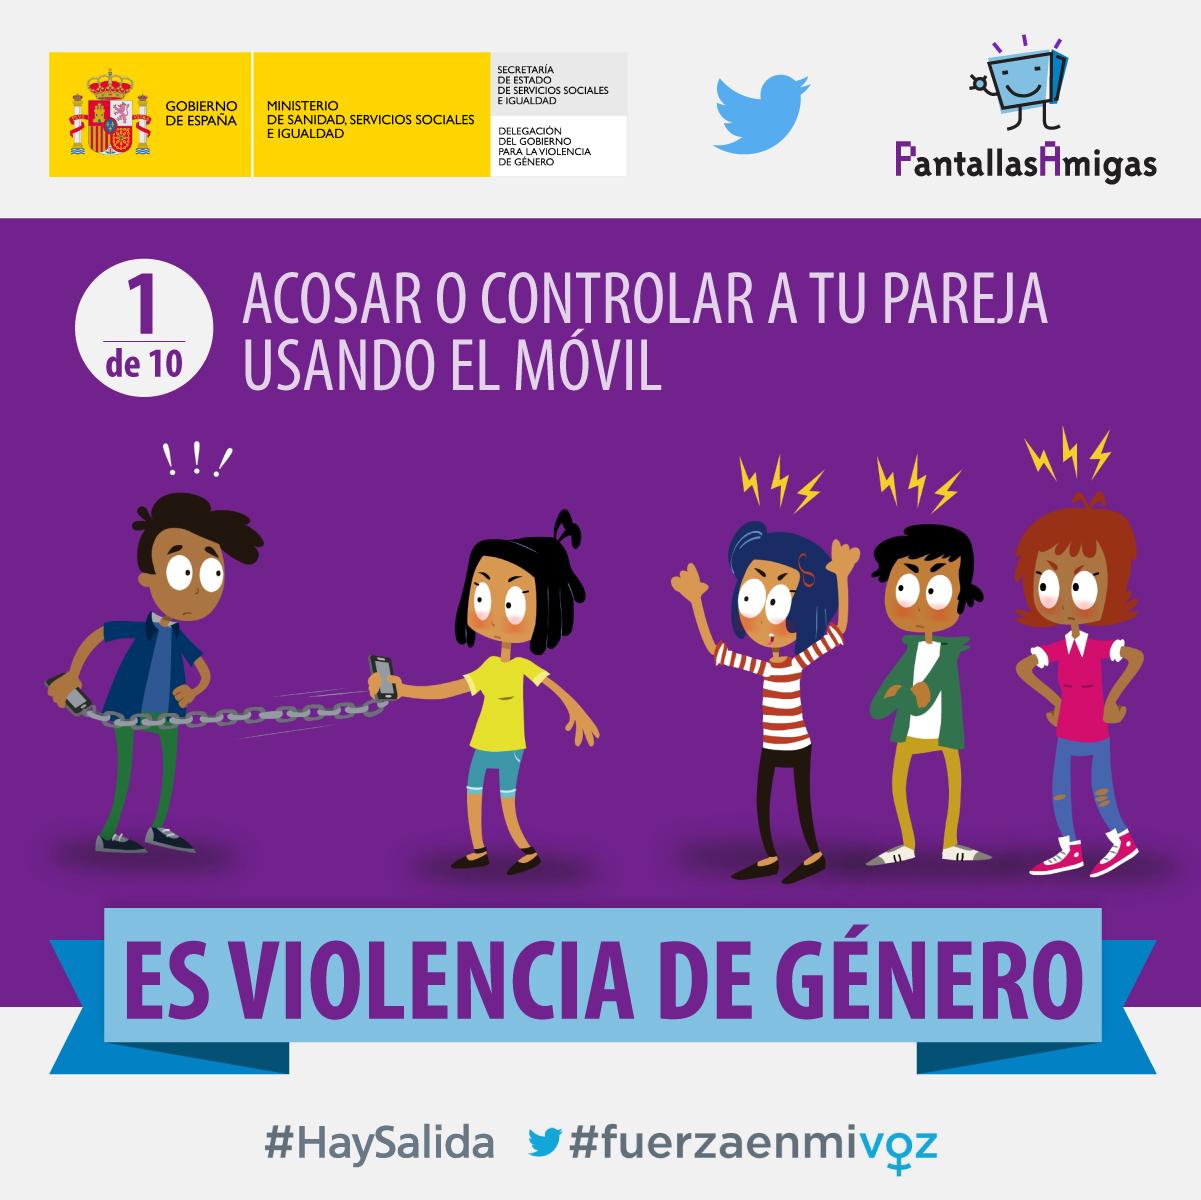 10-FORMAS-VIOLENCIA-DE-GÉNERO-DIGITAL_01_10_Acosar